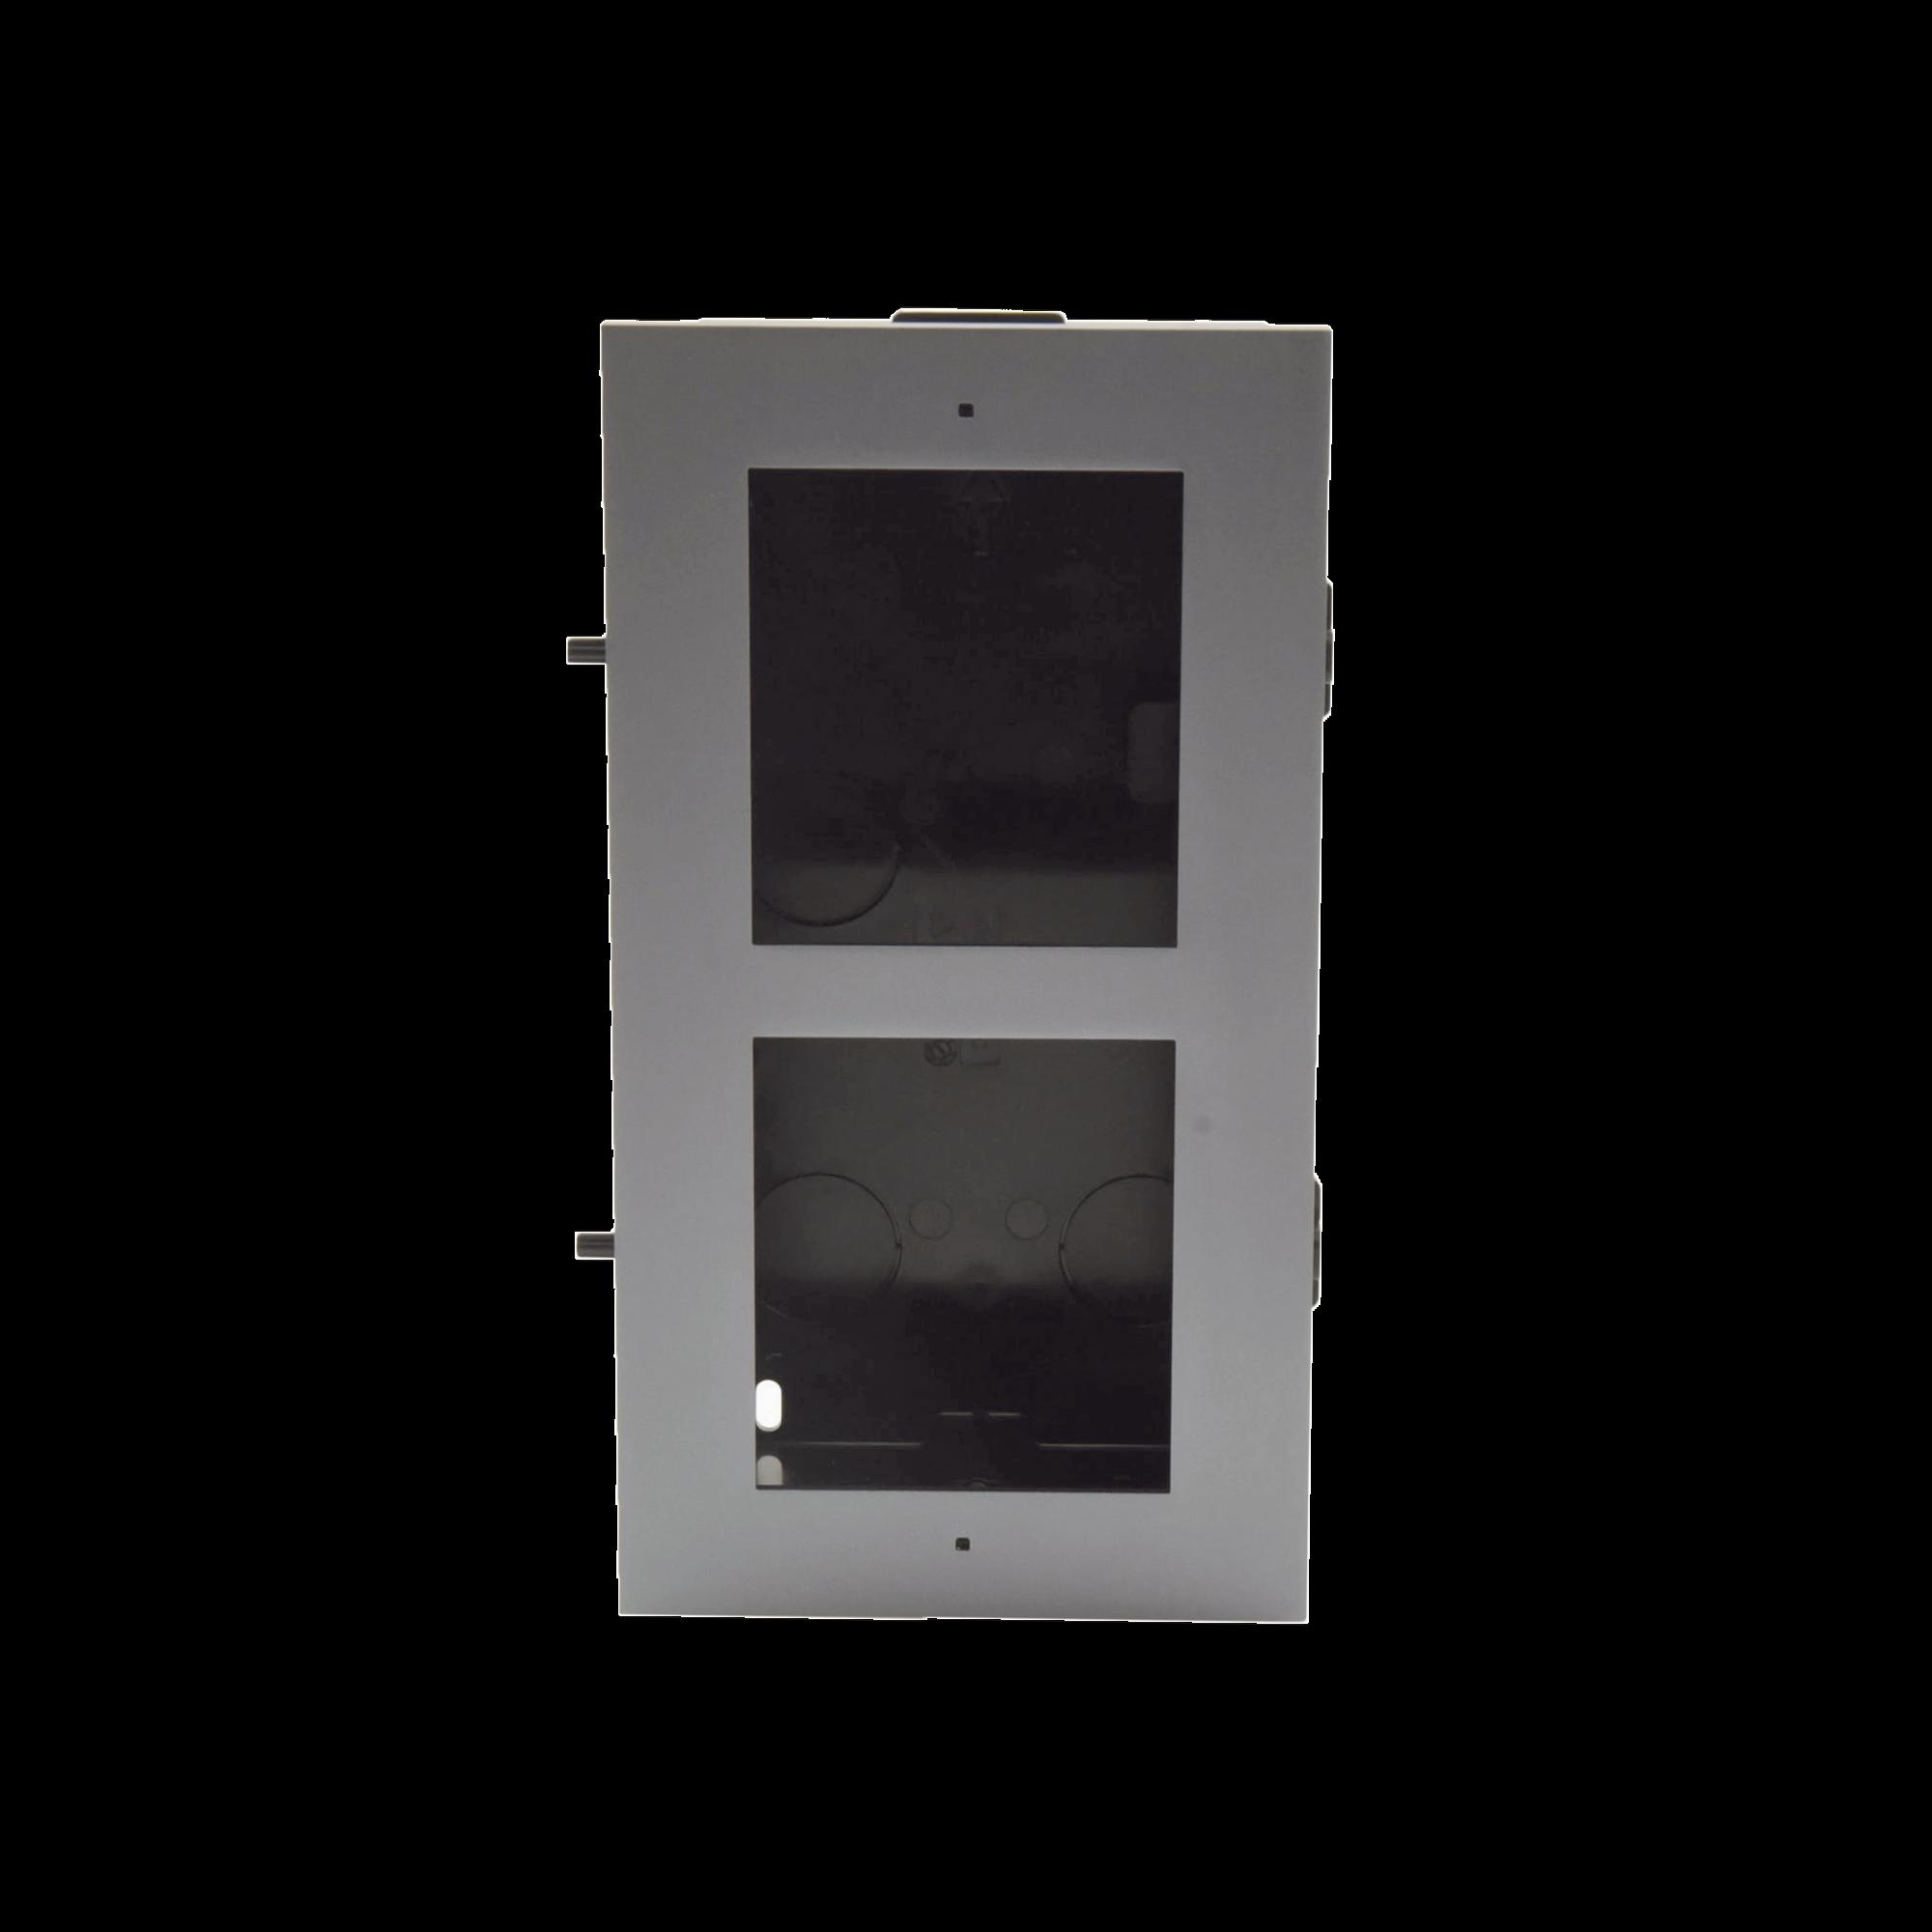 Base de 2 Espacios para EMPOTRAR Modulos de Videoporteros Hikvision